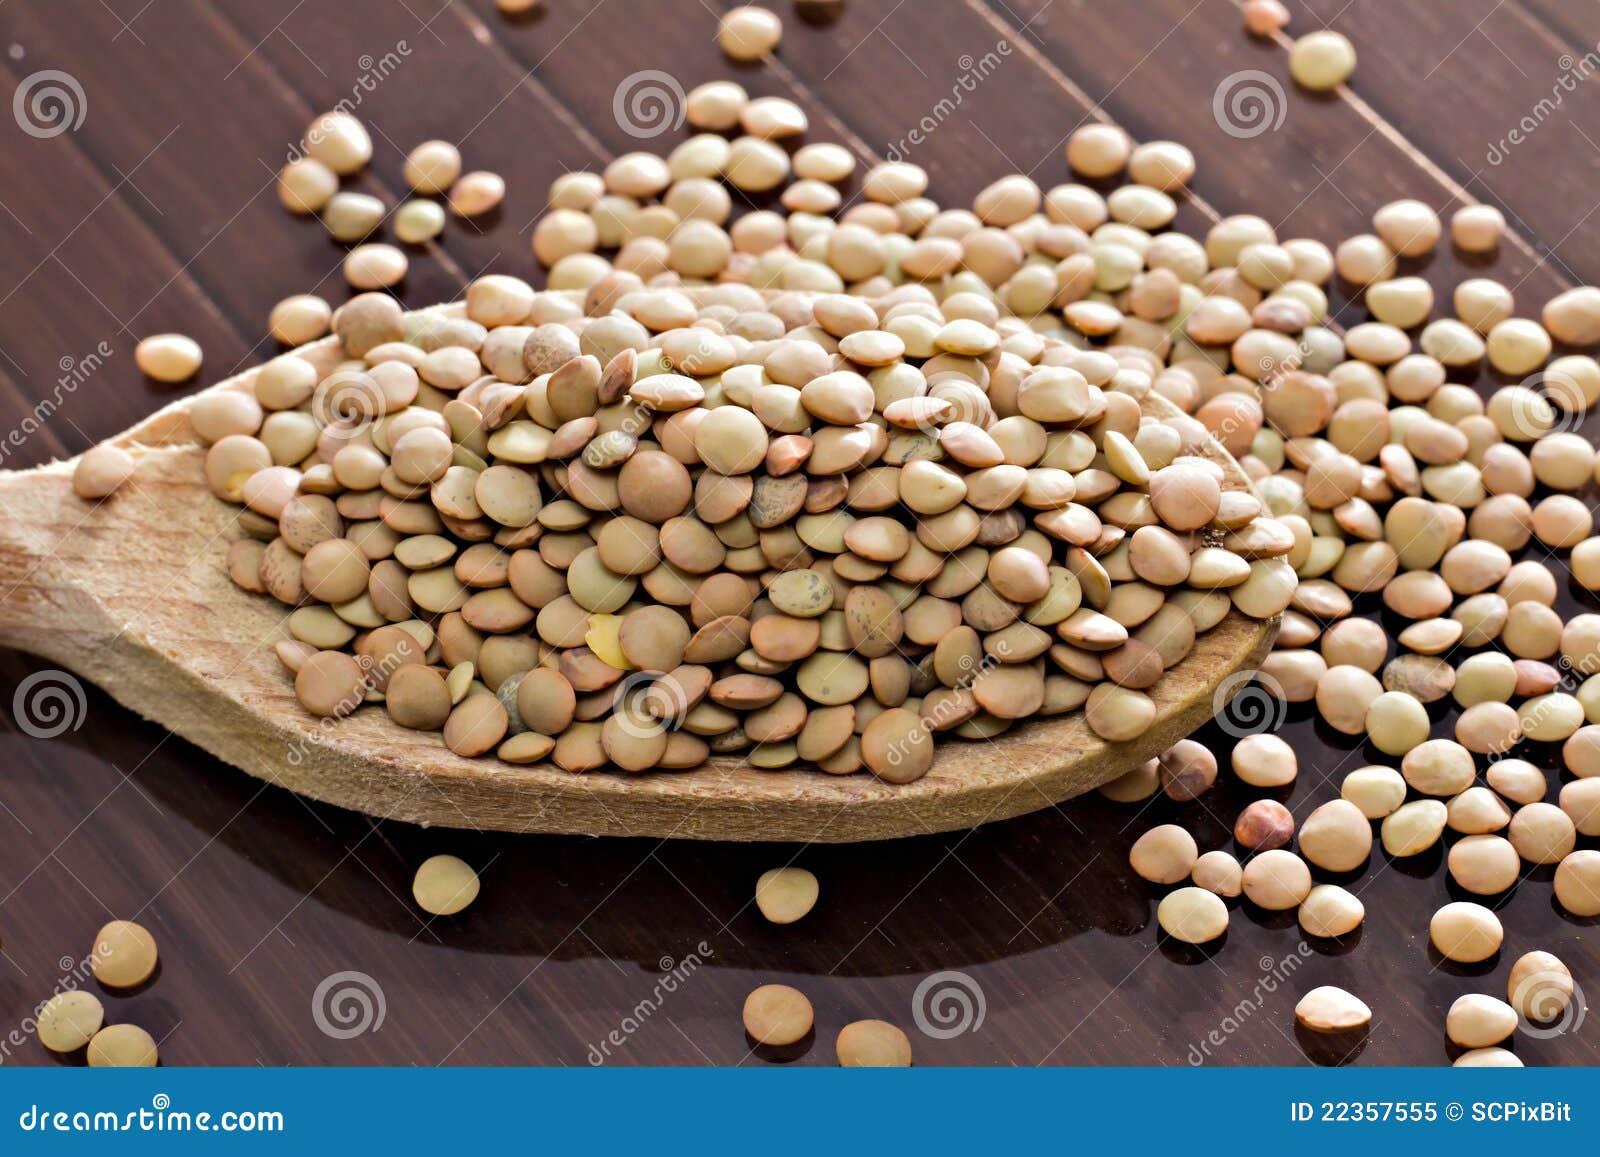 Culinaris透镜扁豆